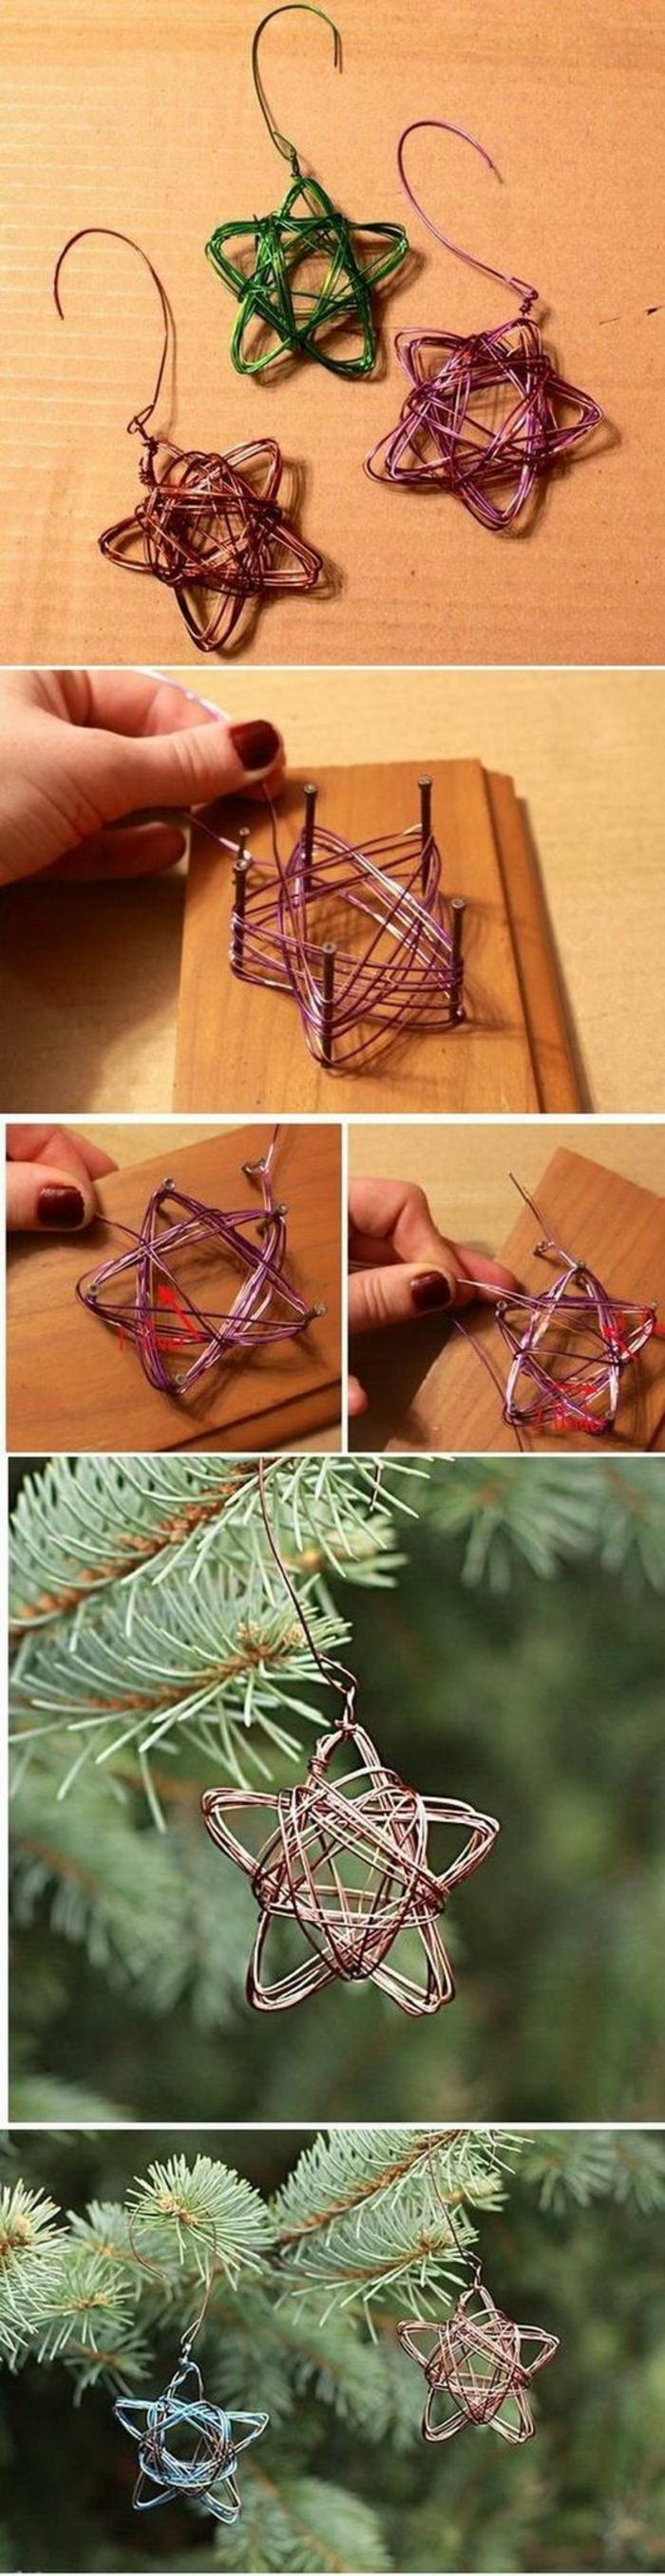 bricolage de noel avec du fil de fer coloré, pour faire des étoiles a suspendre sur le sapin, démonstration tuto sur la création des étoiles